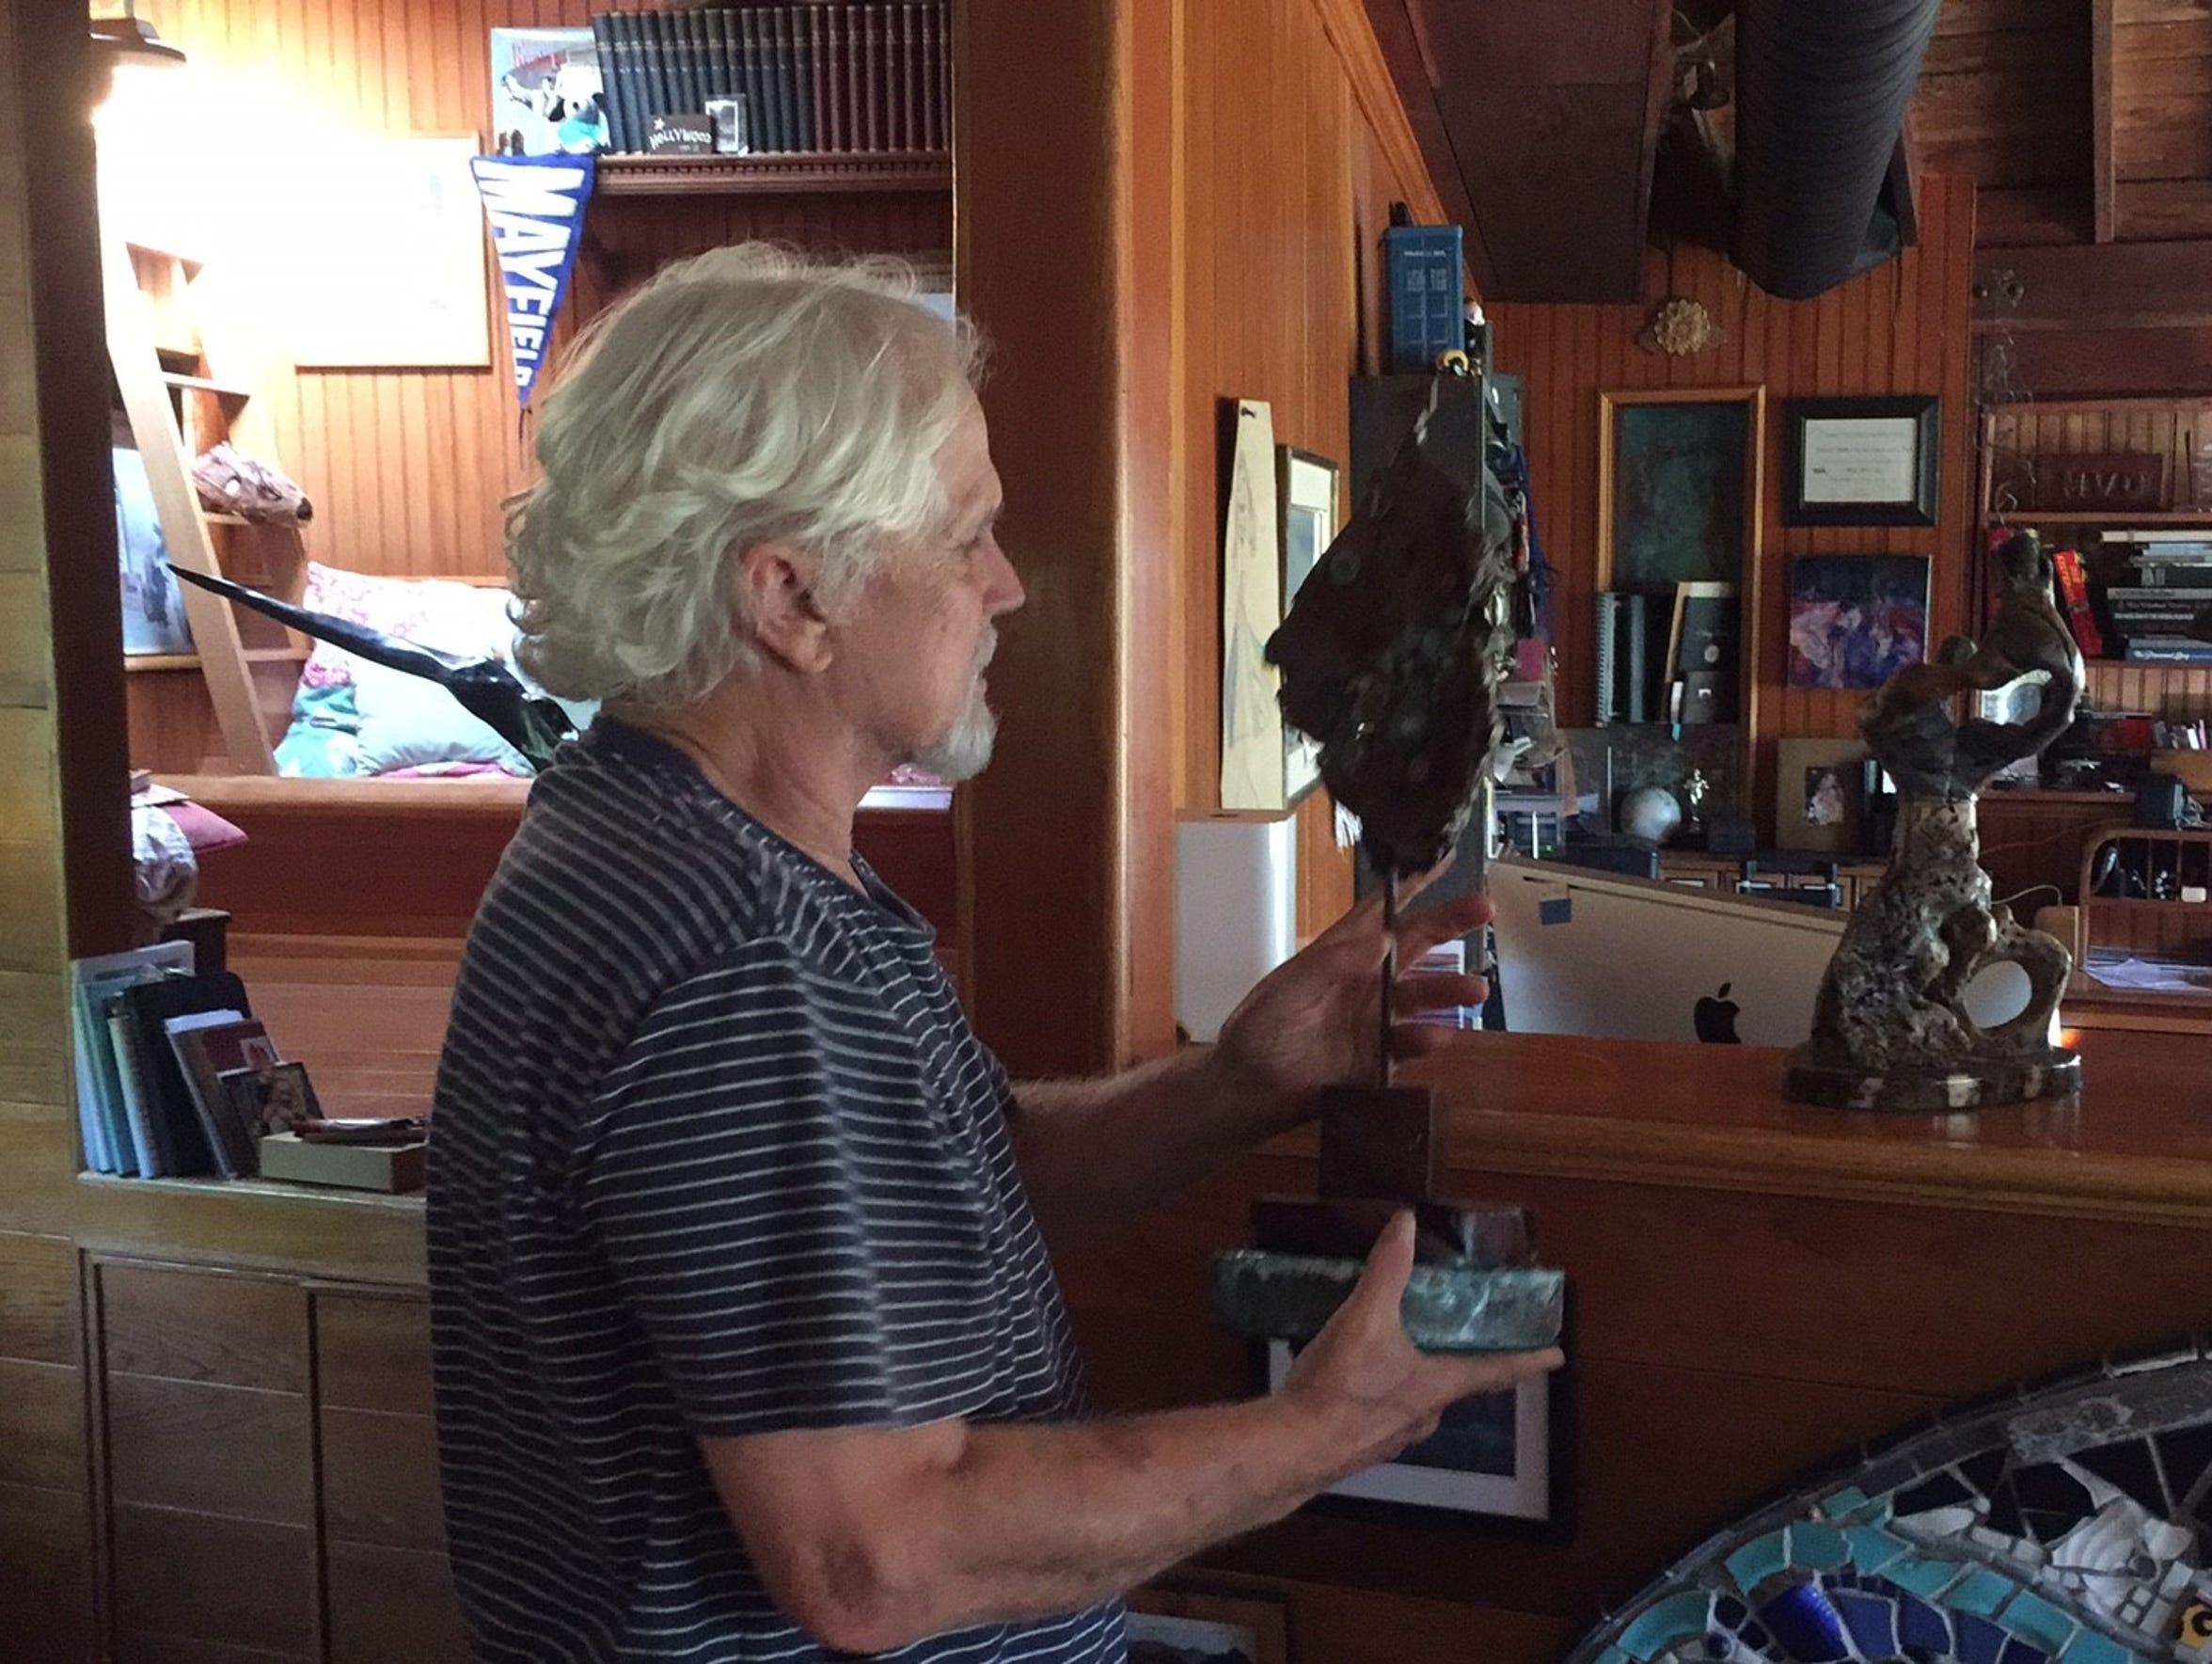 Tony Dow shows an Arizona Republic reporter around